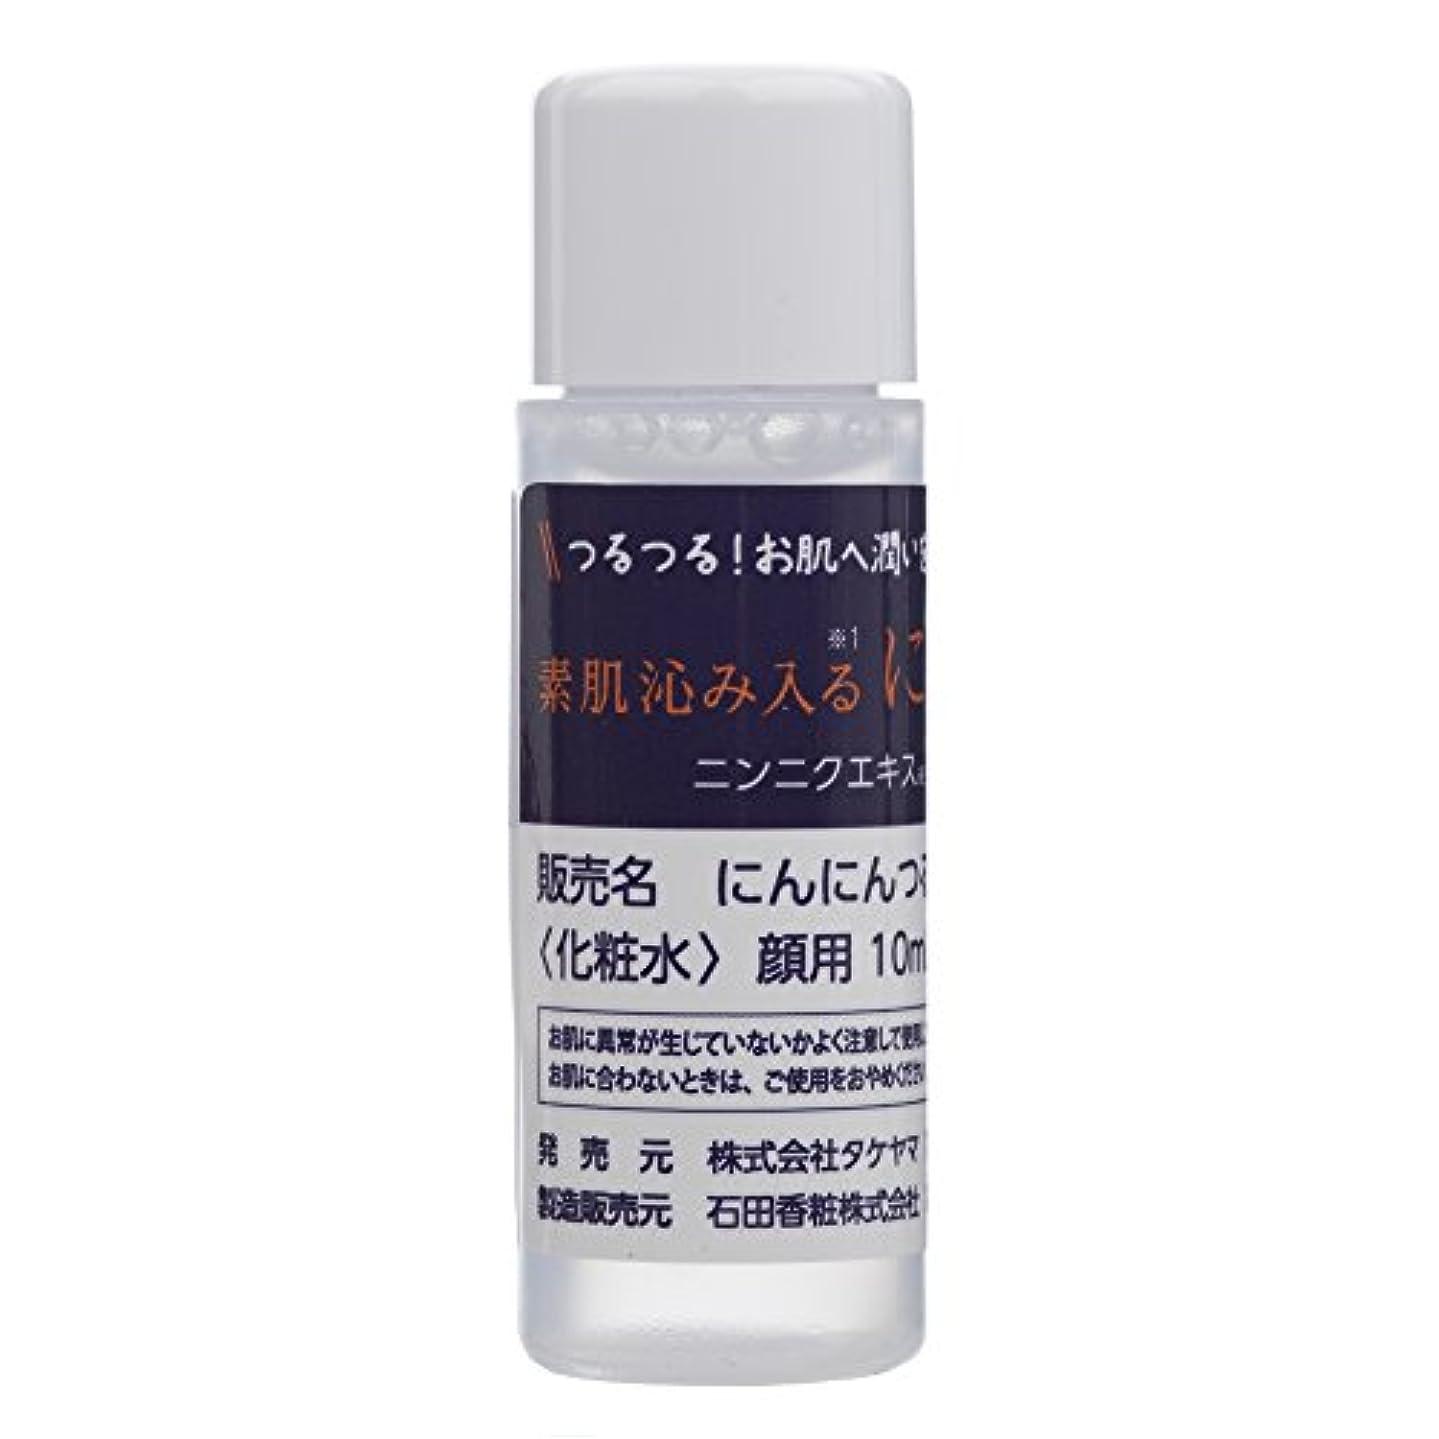 テレビペストリー同封するにんにんつるり お肌の健康と潤いを保つ化粧水です。 10ml